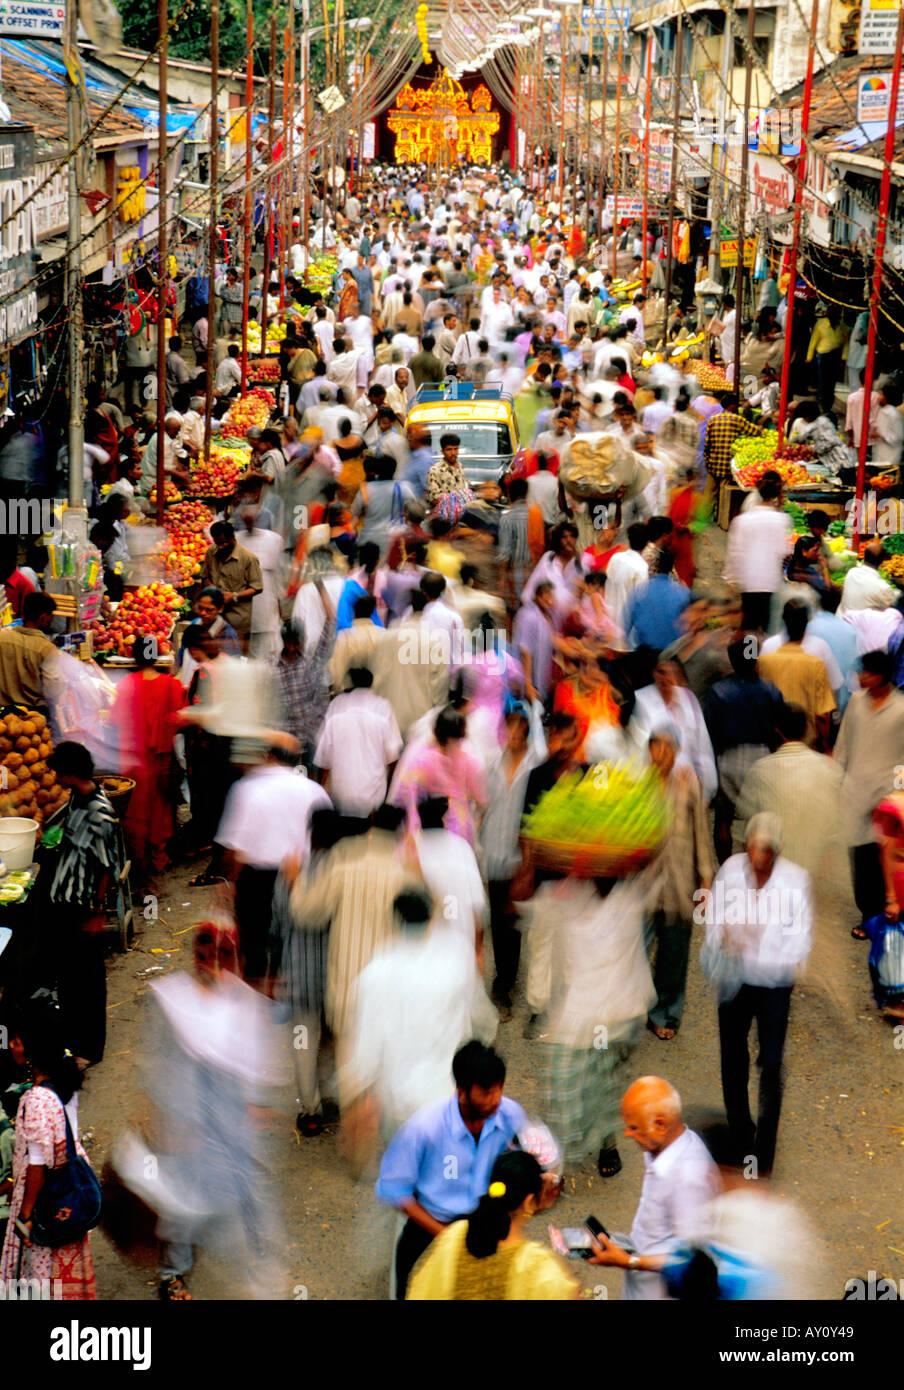 L'inimaginable buzz de l'ouest de la rue du marché Dadar Mumbai en ébullition la foule des acheteurs et des vendeurs. Asie Inde Banque D'Images